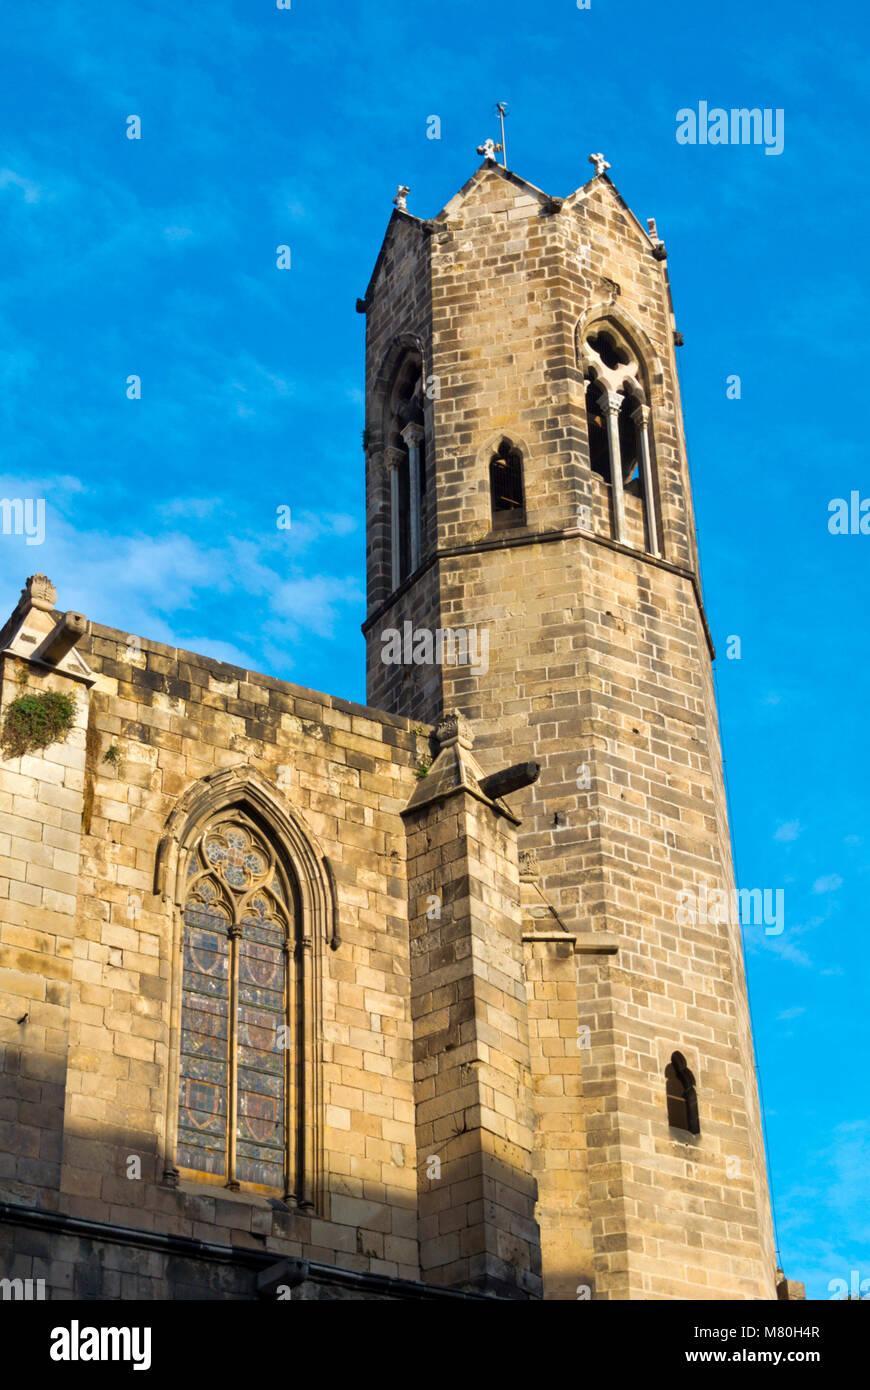 Capella de Santa Agueda, Capella de Santa Agata, Chapel Santa Agada, St Agnes, Placa del Rei, Barri Gotic, Barcelona, - Stock Image